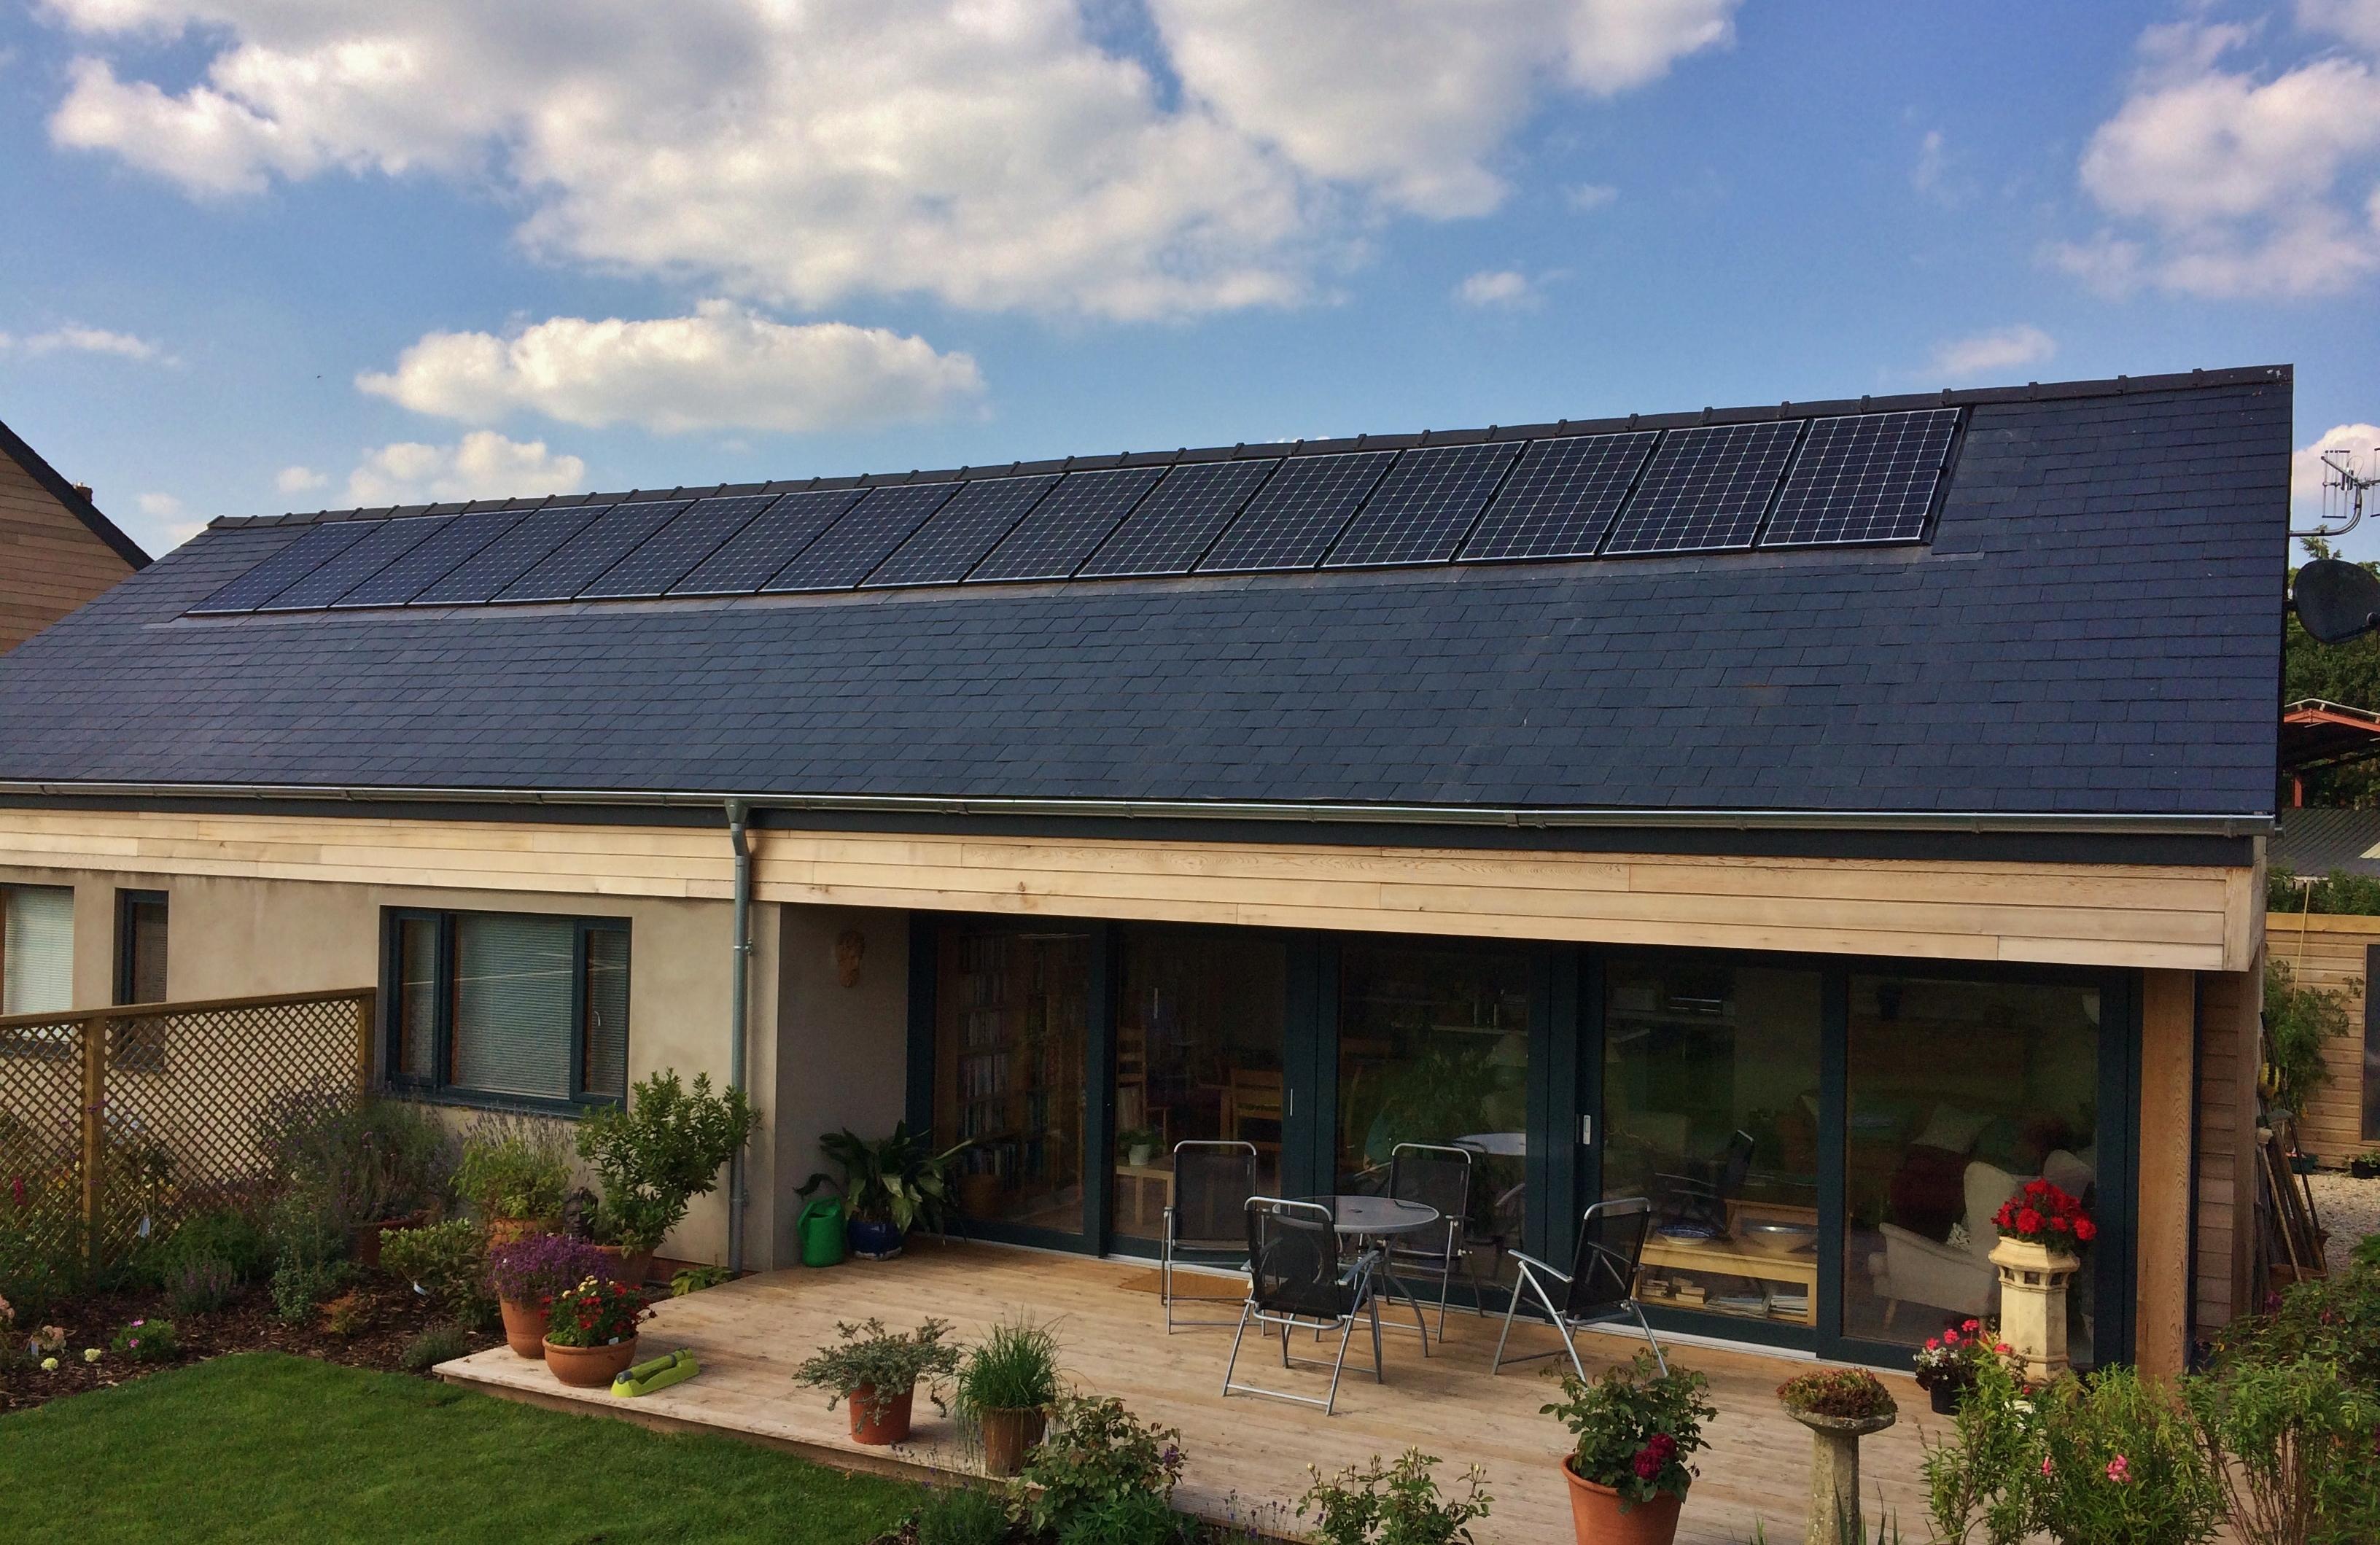 fotovoltaico-tetto-casa.jpg